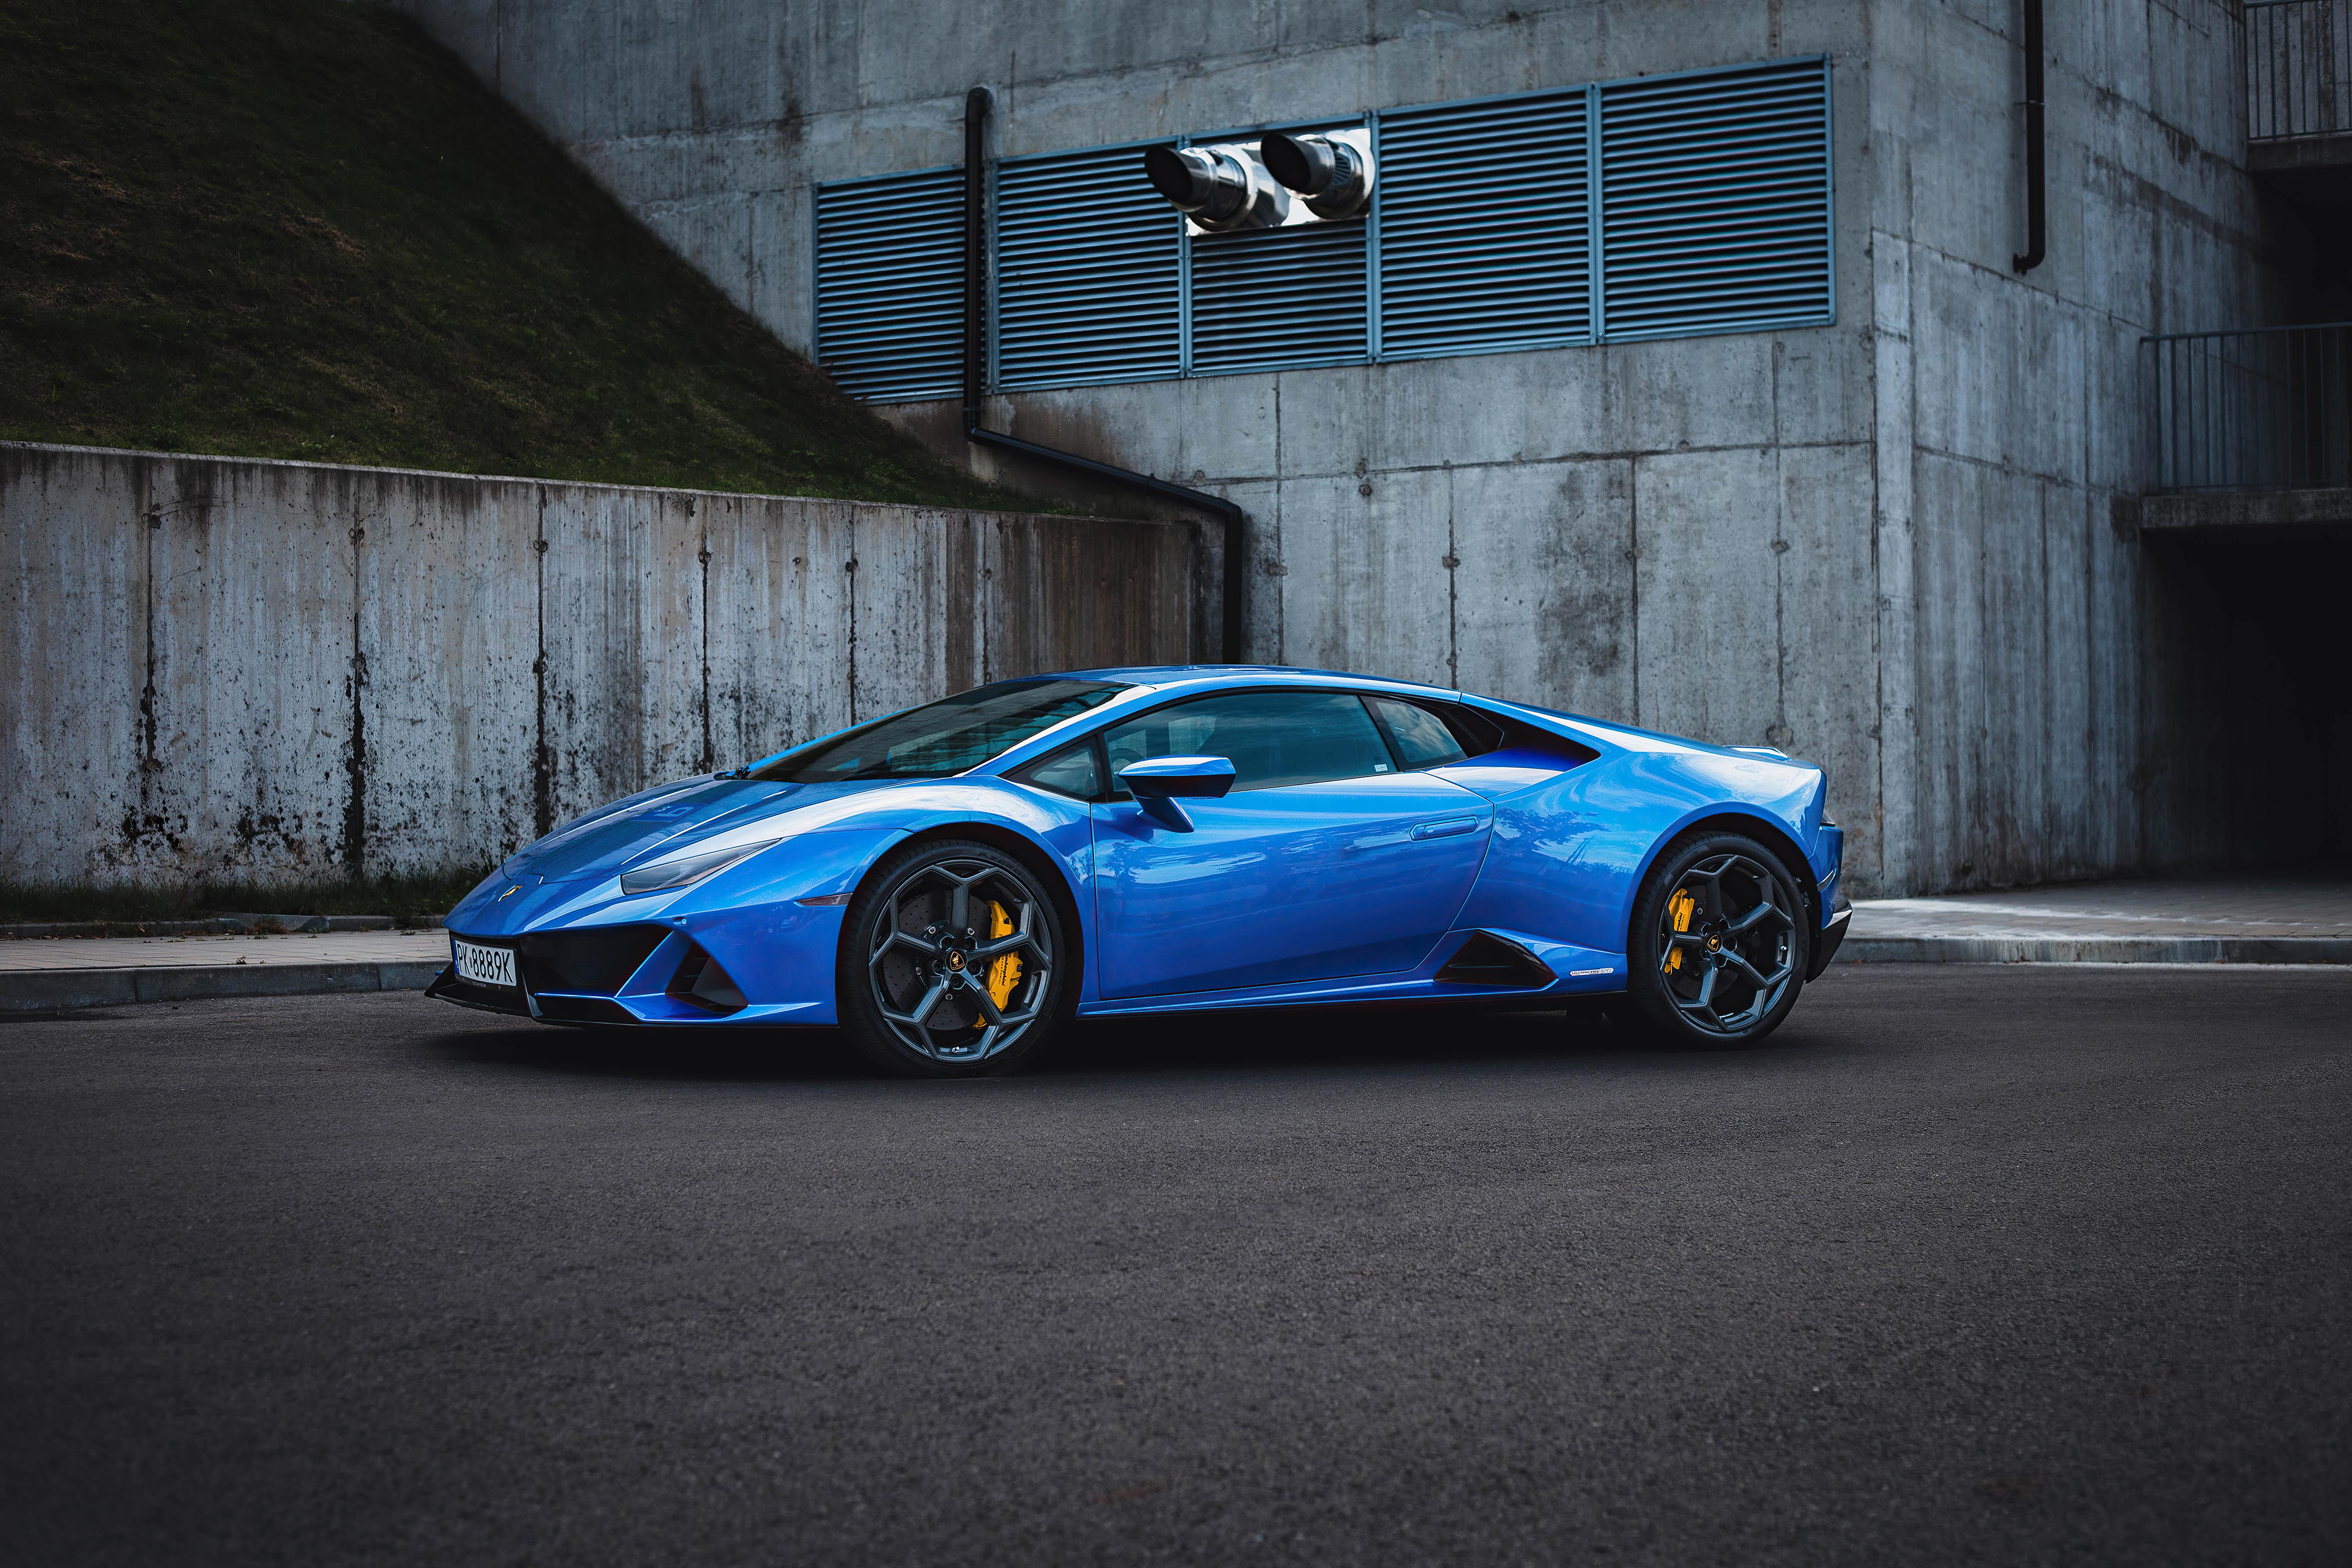 blue lamborghini huracan evo 4k 1620171871 - Blue Lamborghini Huracan Evo 4k - Blue Lamborghini Huracan Evo 4k wallpapers